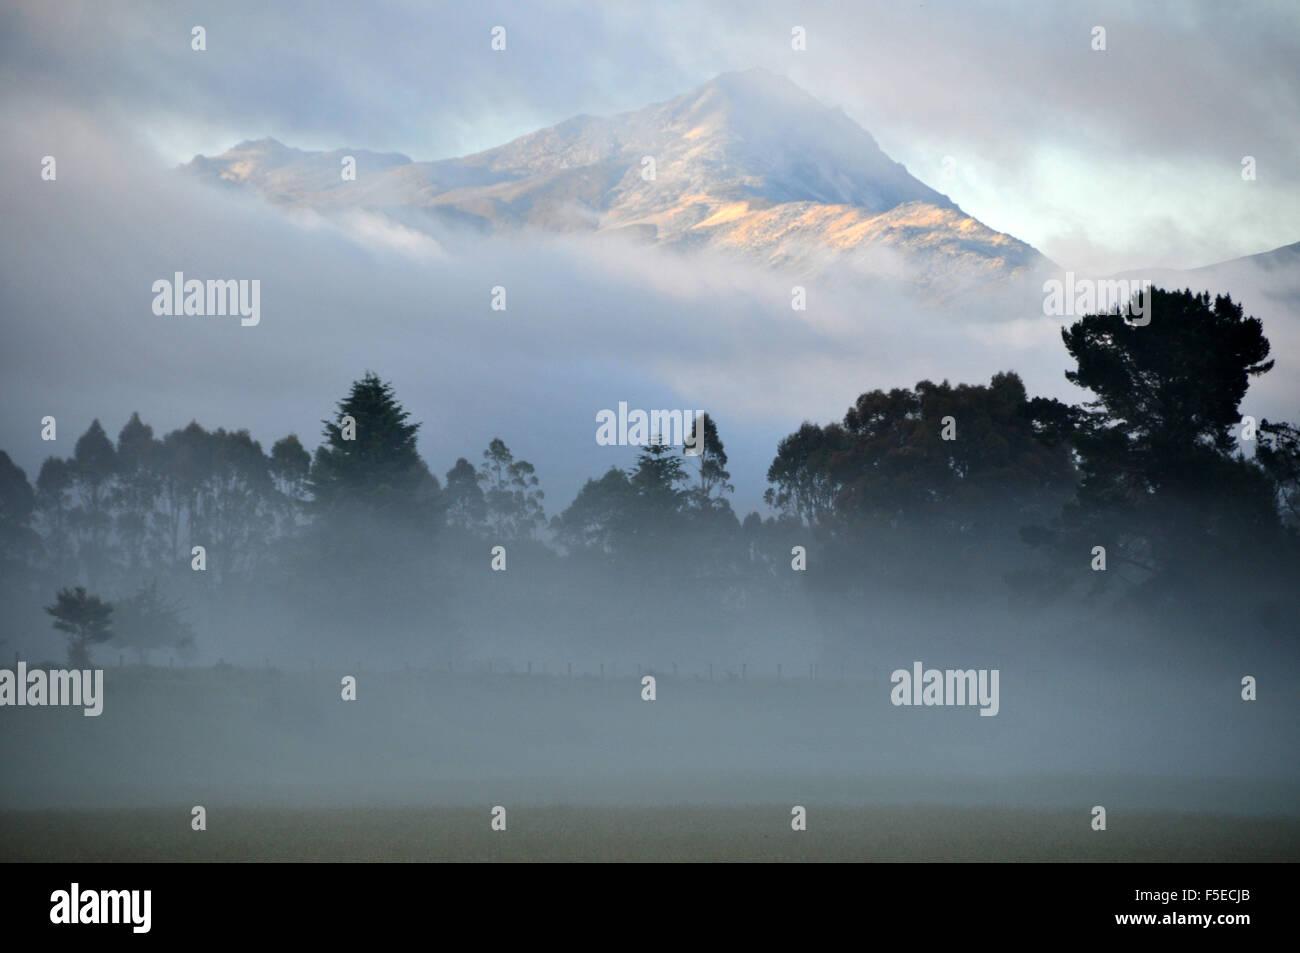 Misty Mountain um Manapouri, Fjordland National Park, Southland, Südinsel, Neuseeland Stockbild